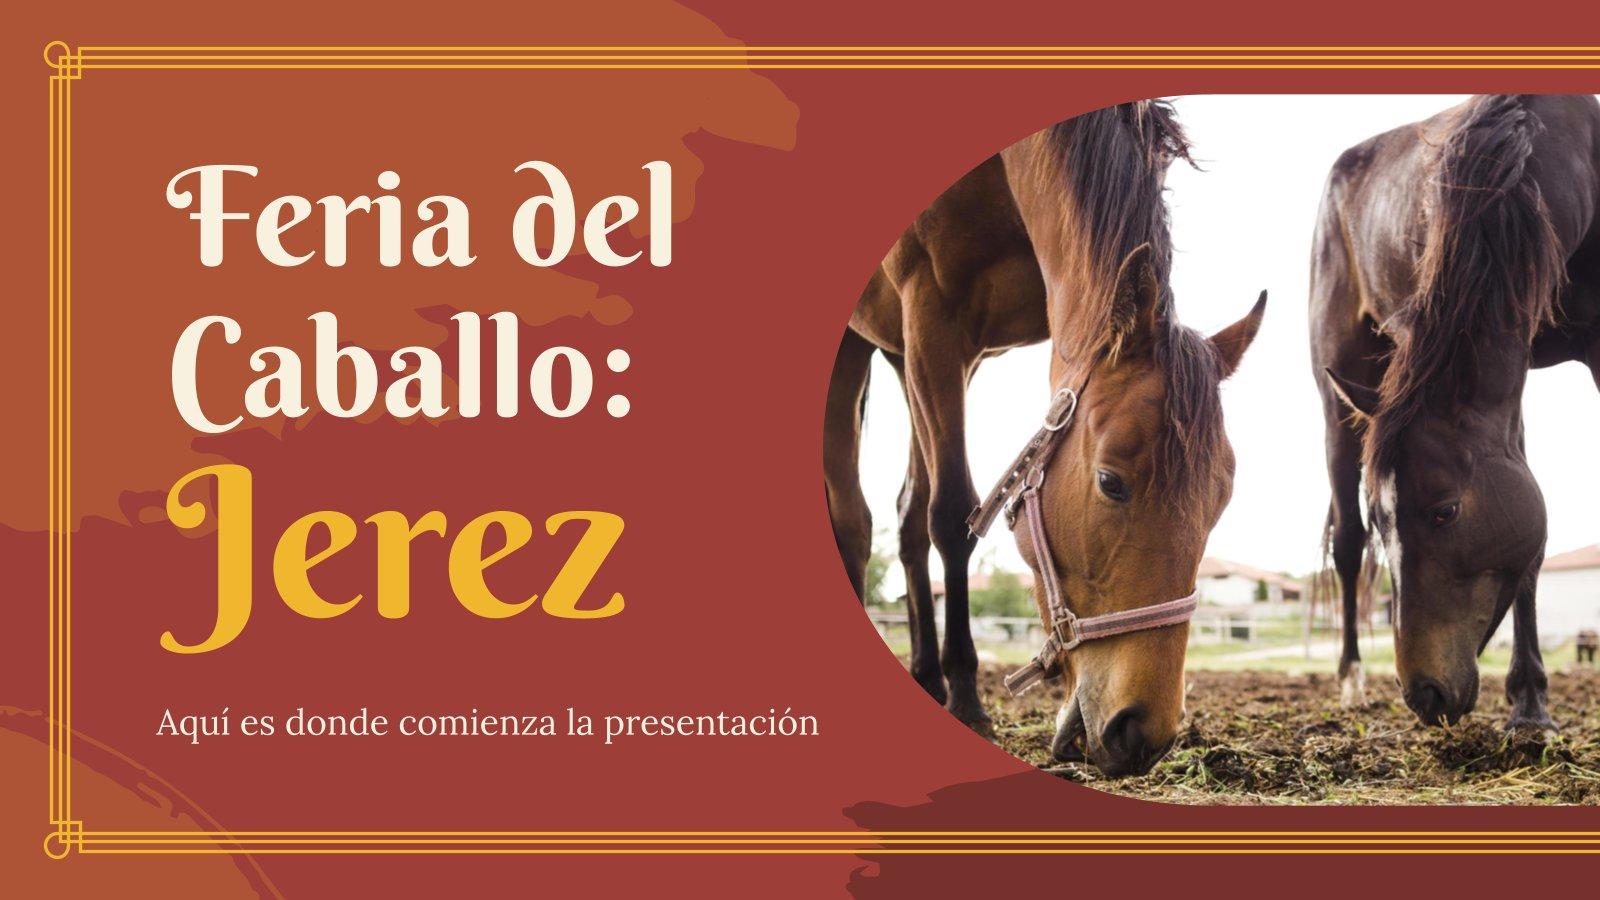 Feria del Caballo: Jerez presentation template